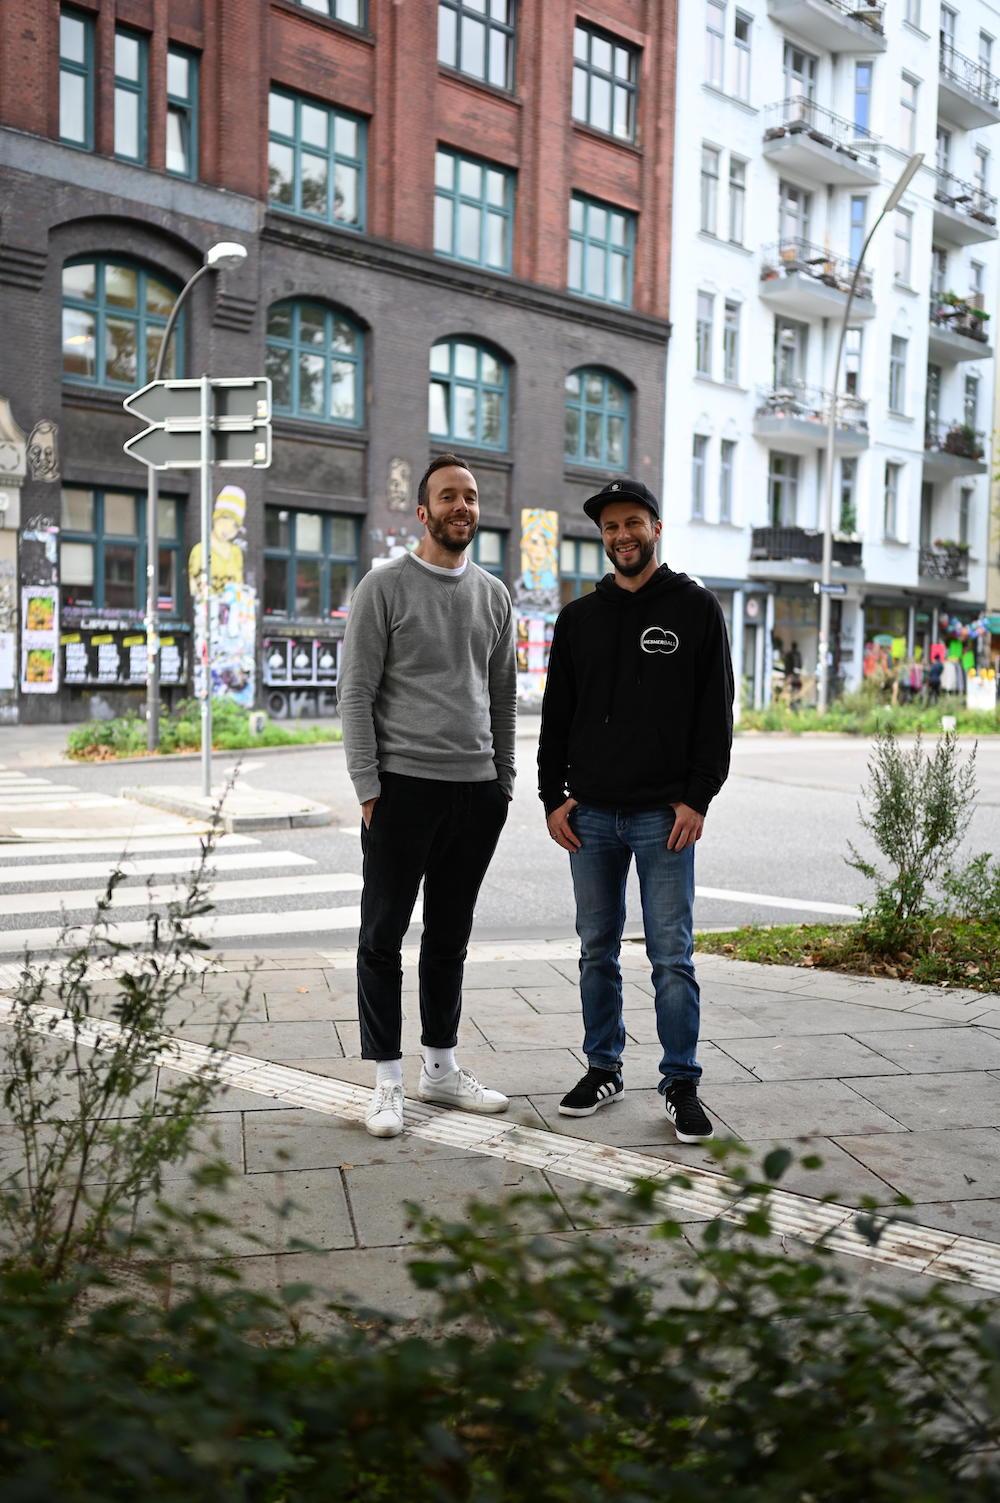 Headis_Mit Köpfchen zum erfolgreichen Trend-Business_Philipp und Rene